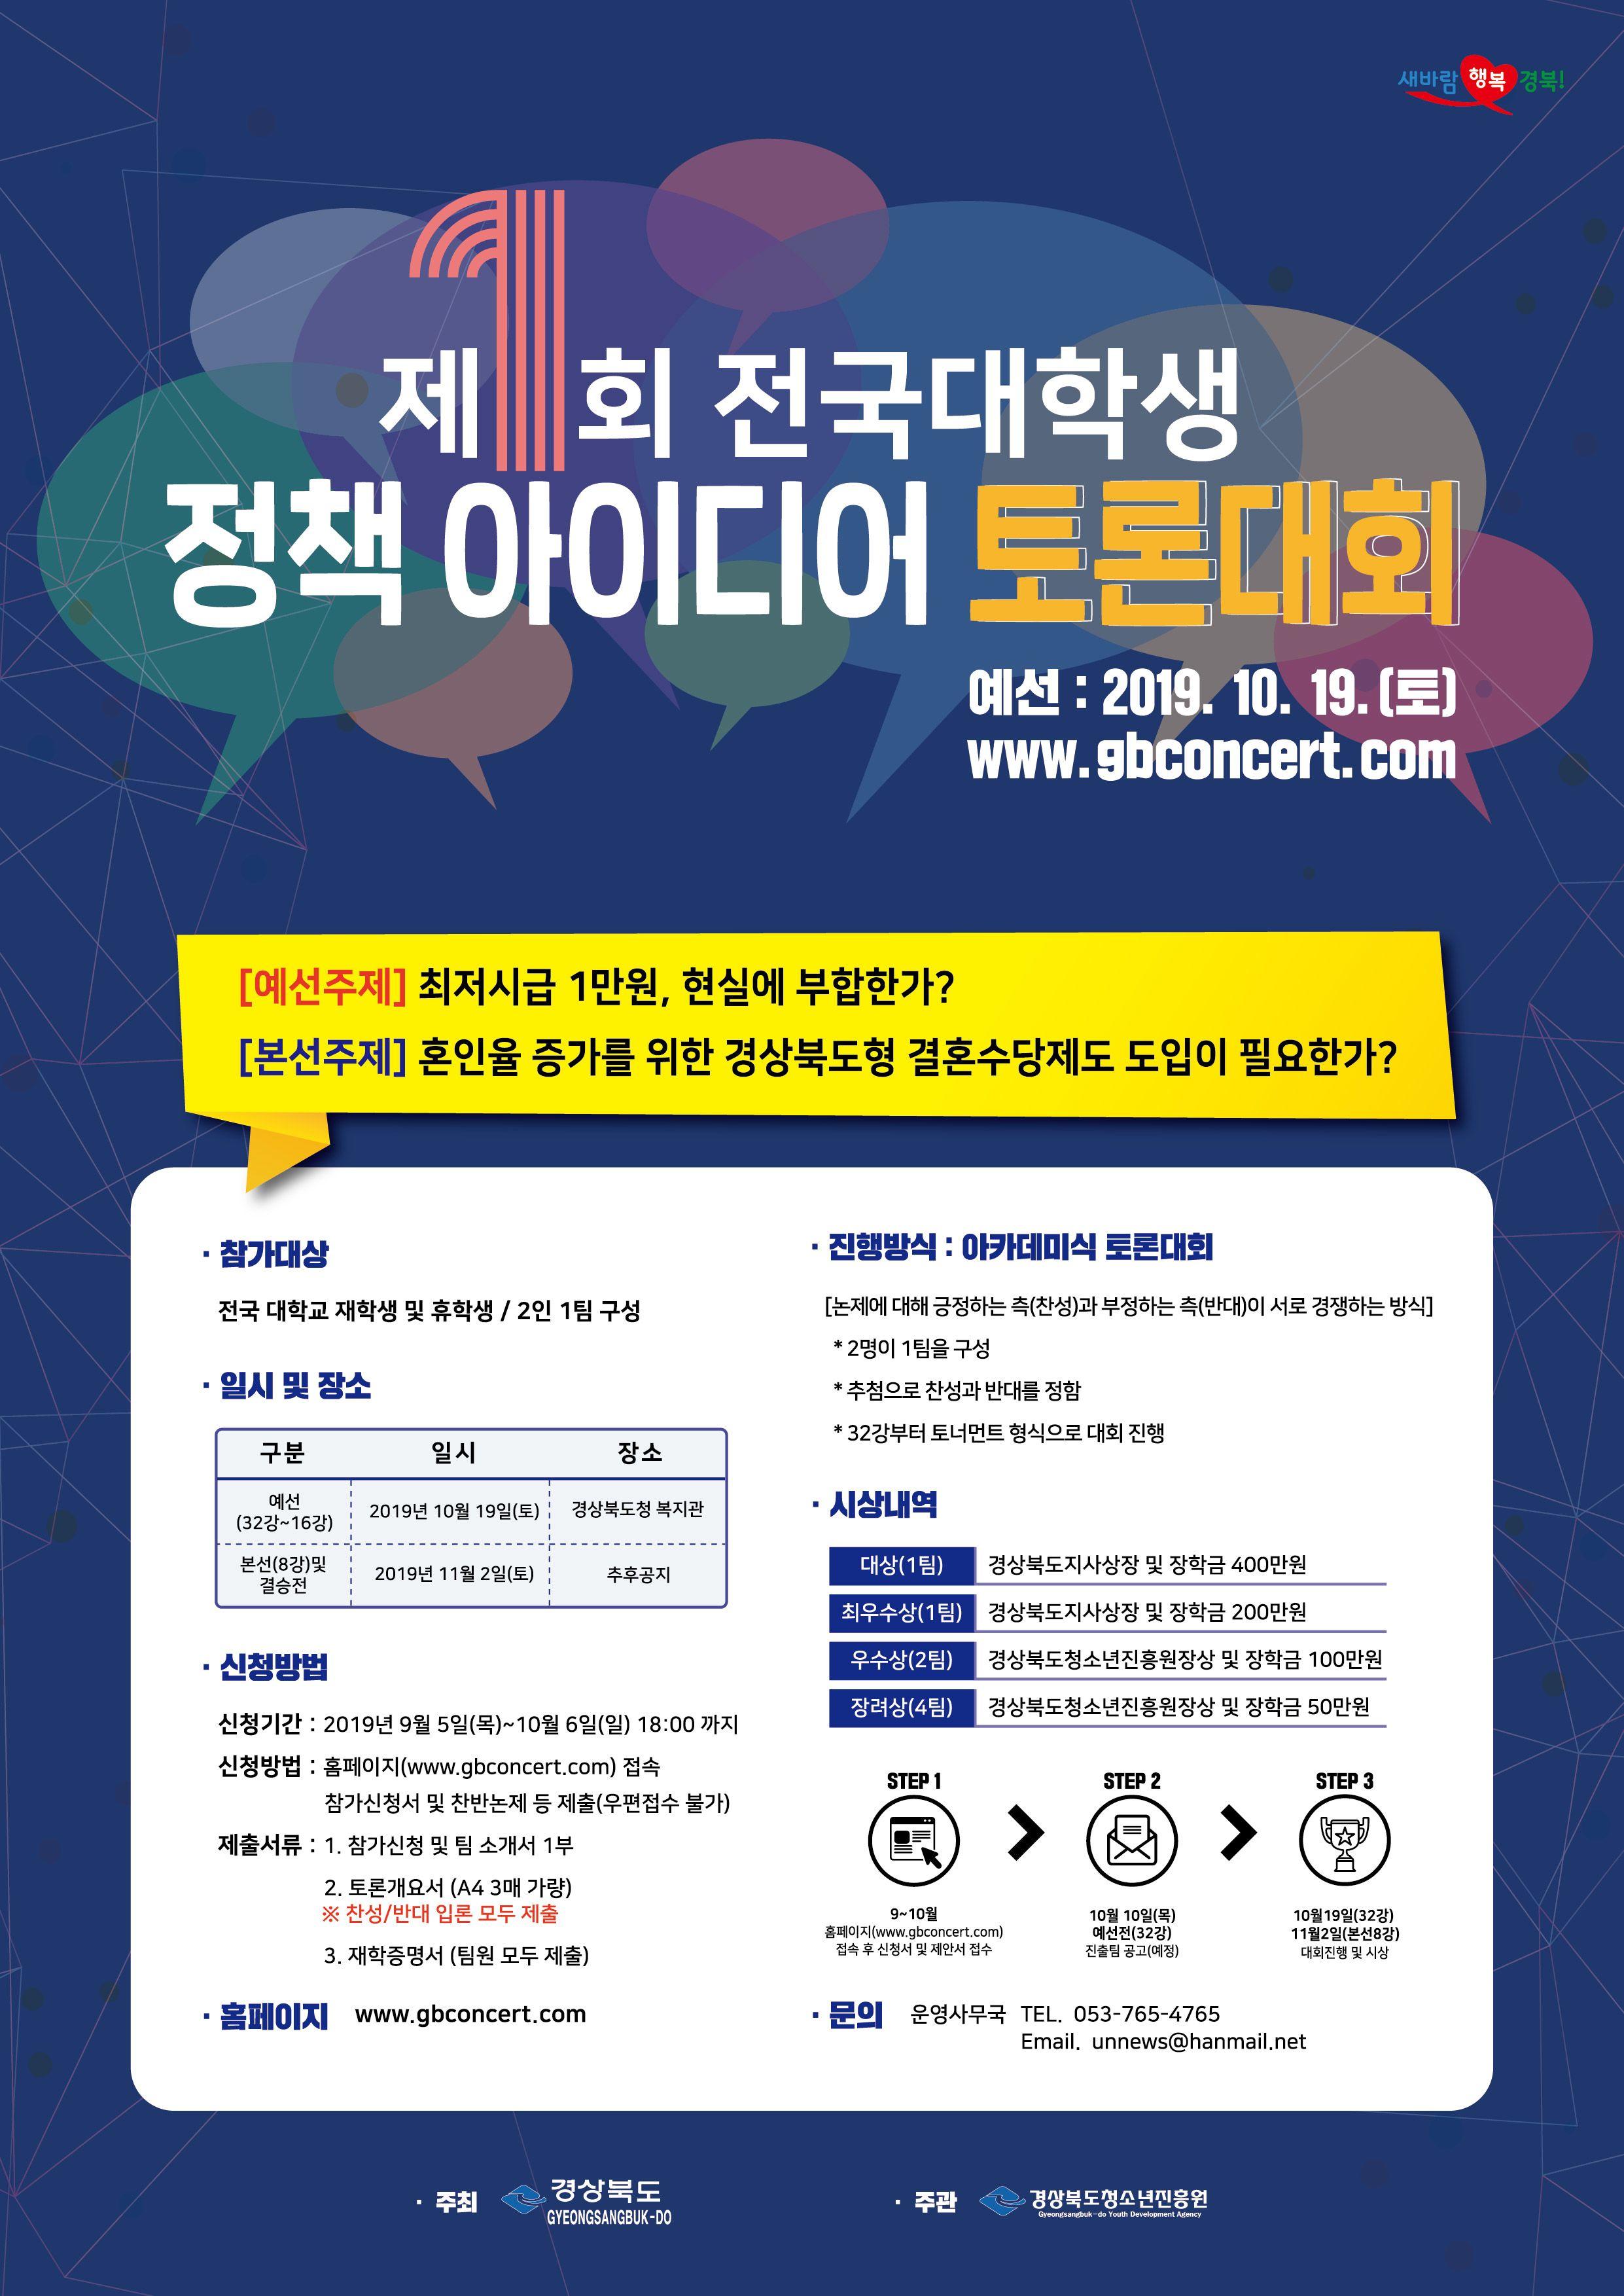 경상북도 제1회 전국대학생 정책아이디어 토론대회